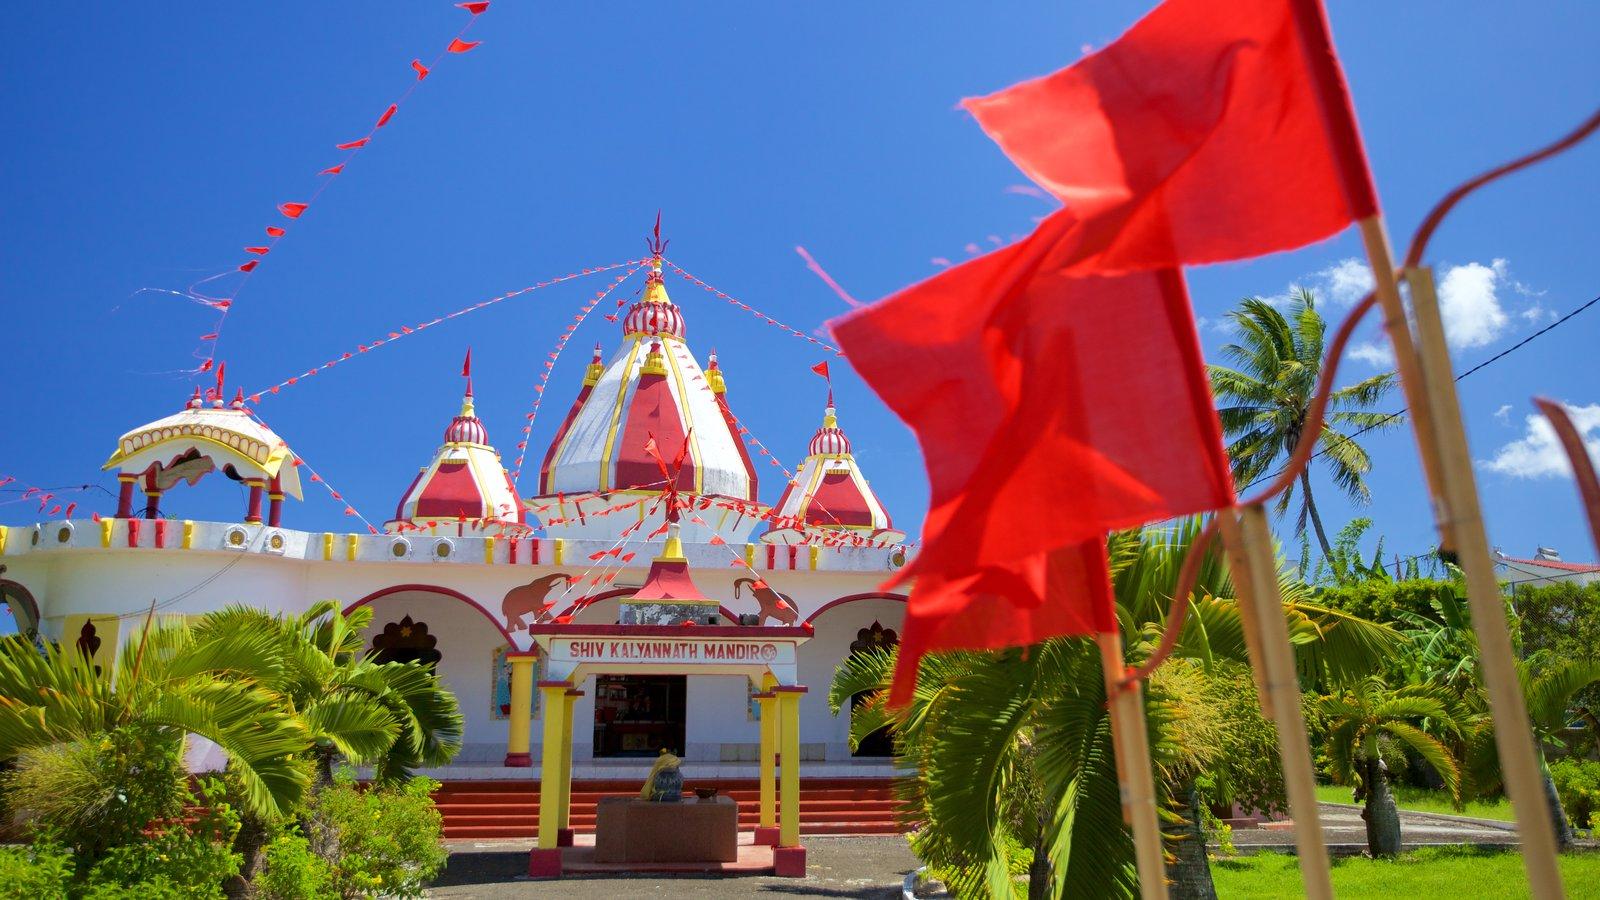 Grand Bay caracterizando elementos religiosos e um templo ou local de adoração